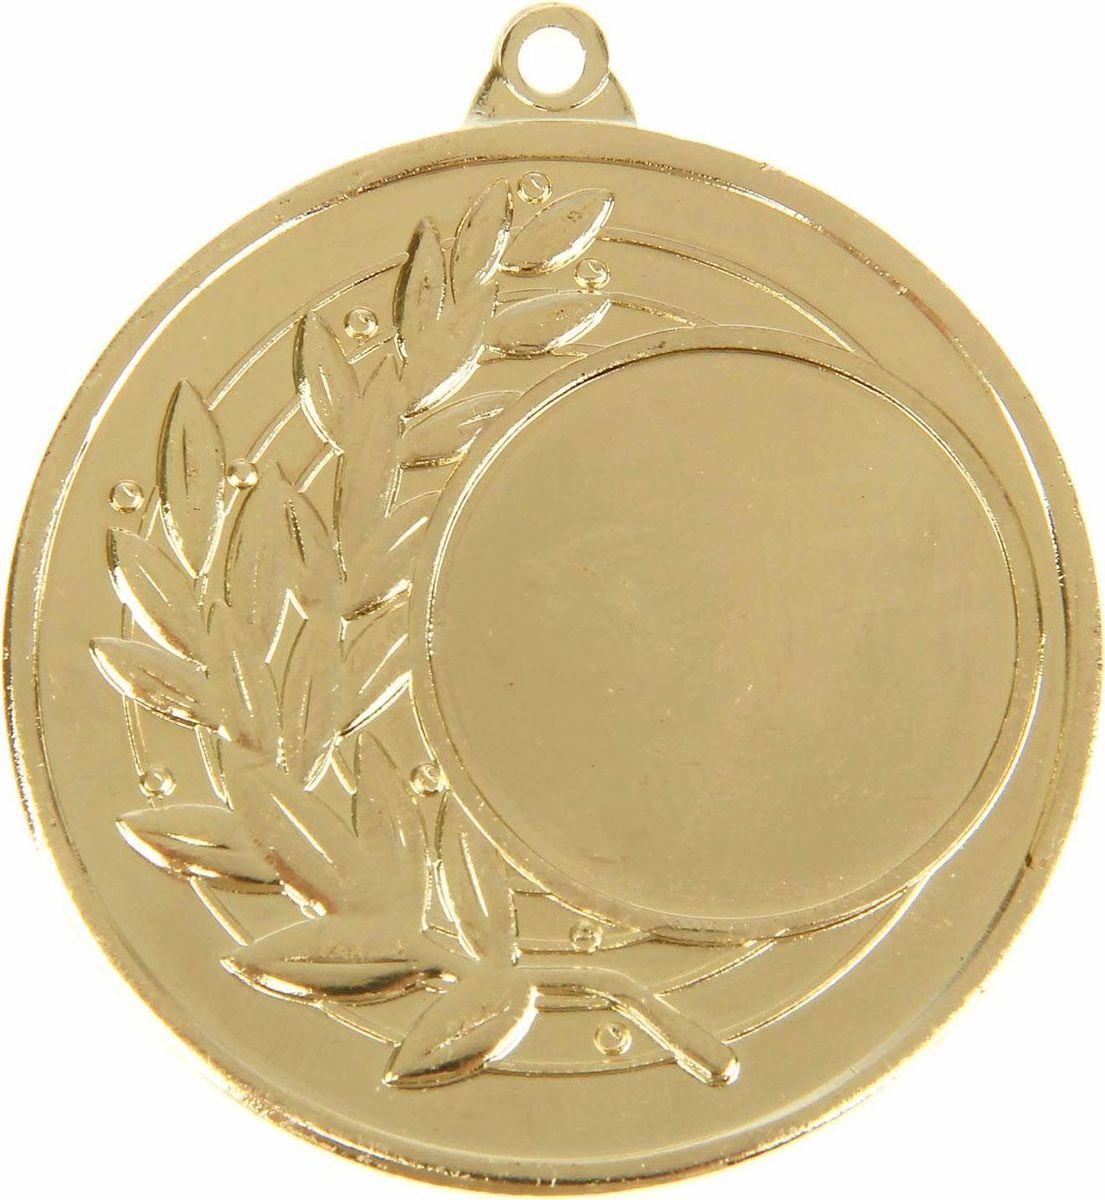 Медаль сувенирная с местом для гравировки, цвет: золотистый, диаметр 4,5 см. 0261108700Медаль — знак отличия, которым награждают самых достойных. Она вручается лишь тем, кто проявил настойчивость и волю к победе. Каждое достижение — это важное событие, которое должно остаться в памяти на долгие годы. Любое спортивное состязание, профессиональное или среди любителей, любое корпоративное мероприятие — отличный повод для того, чтобы отметить лучших из лучших. Характеристики:Диаметр медали: 4,5 см Диаметр вкладыша (лицо): 2,5 см Диаметр вкладыша (оборот): 4 см. Пусть любая победа будет отмечена соответствующей наградой!